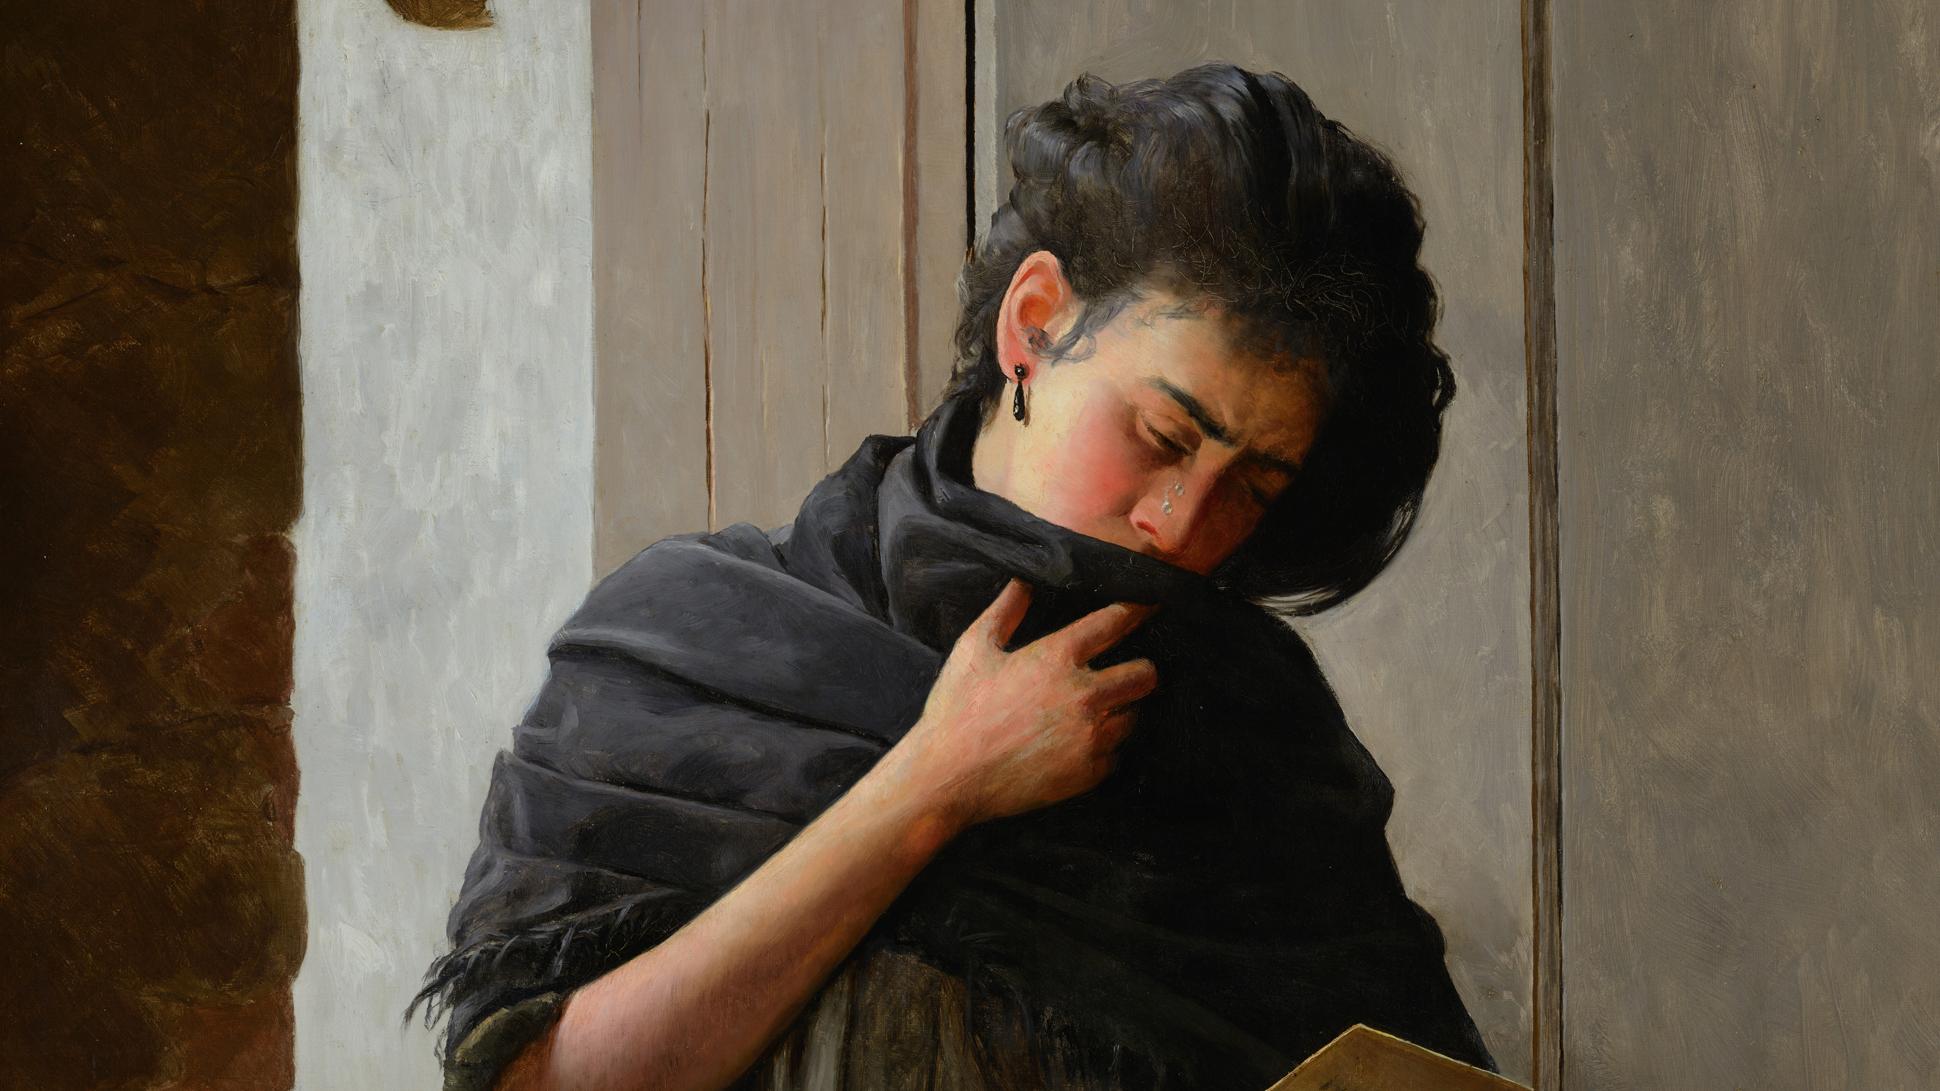 Saudade (Longing) by José Ferraz de Almeida Júnior, 1899